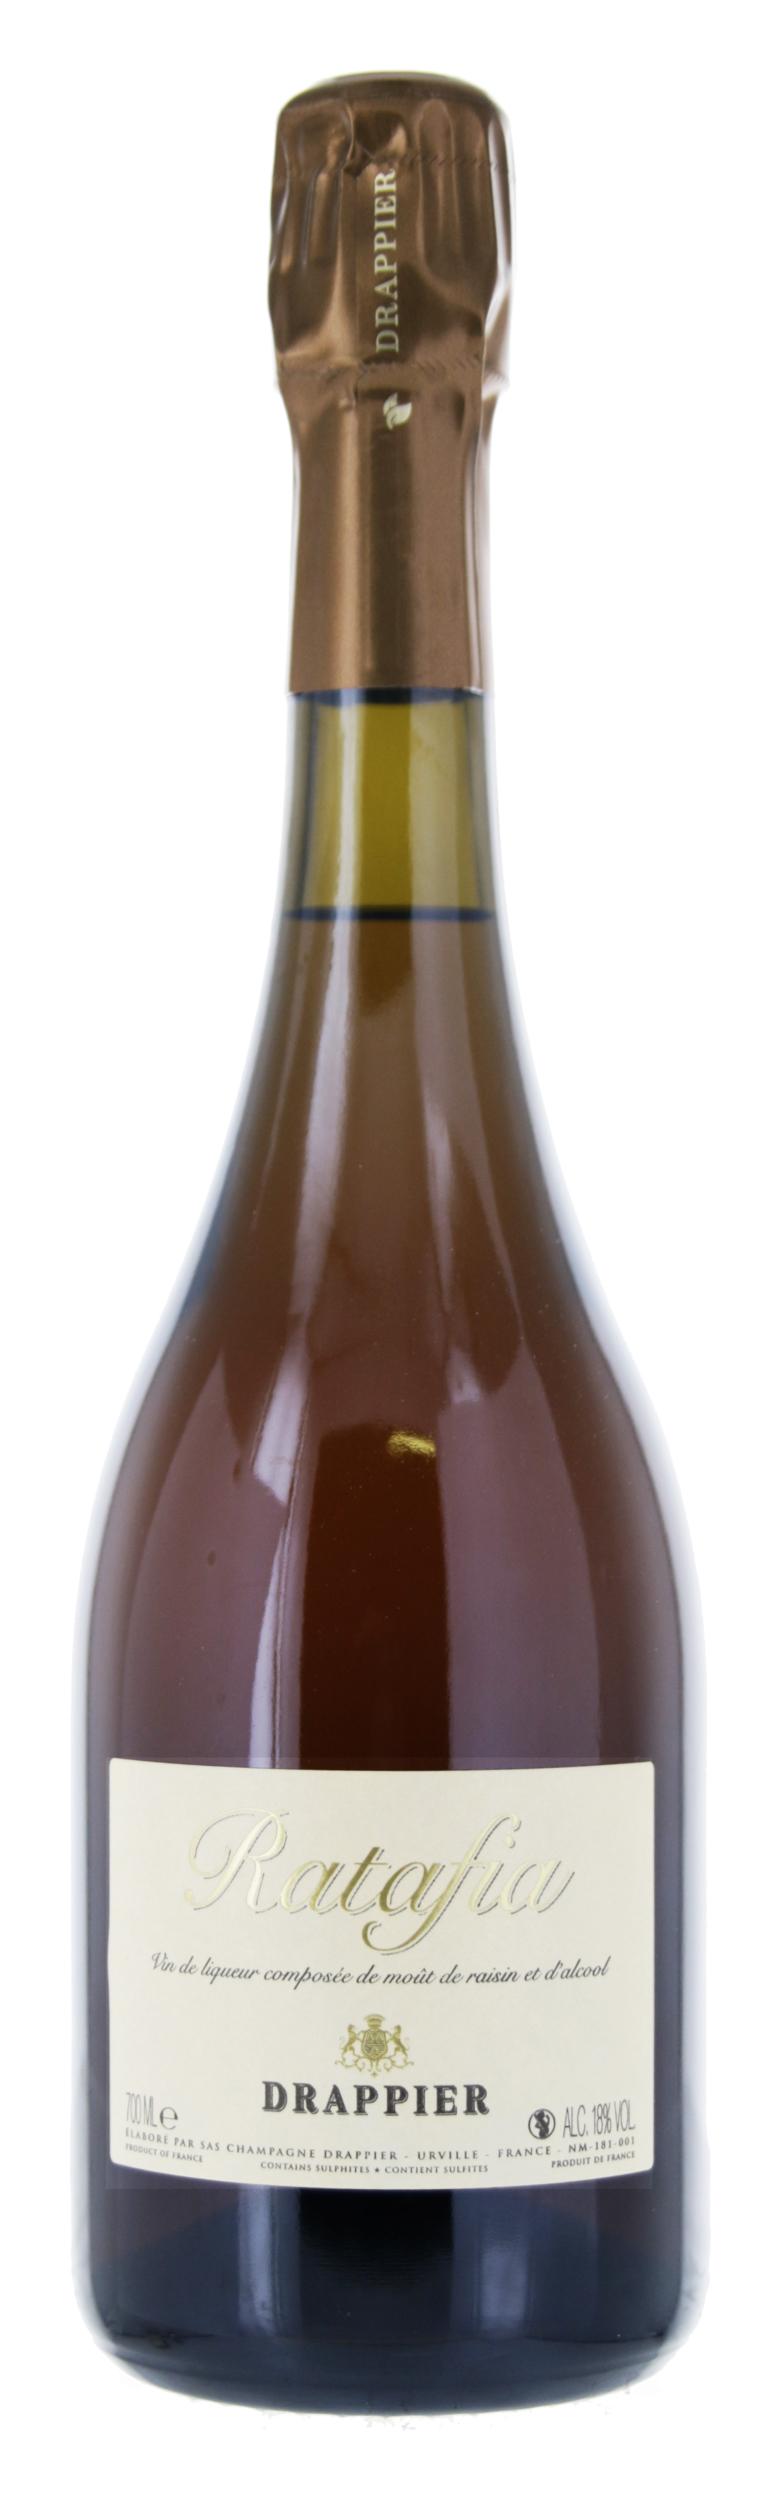 Ratafia - Champagne Drappier